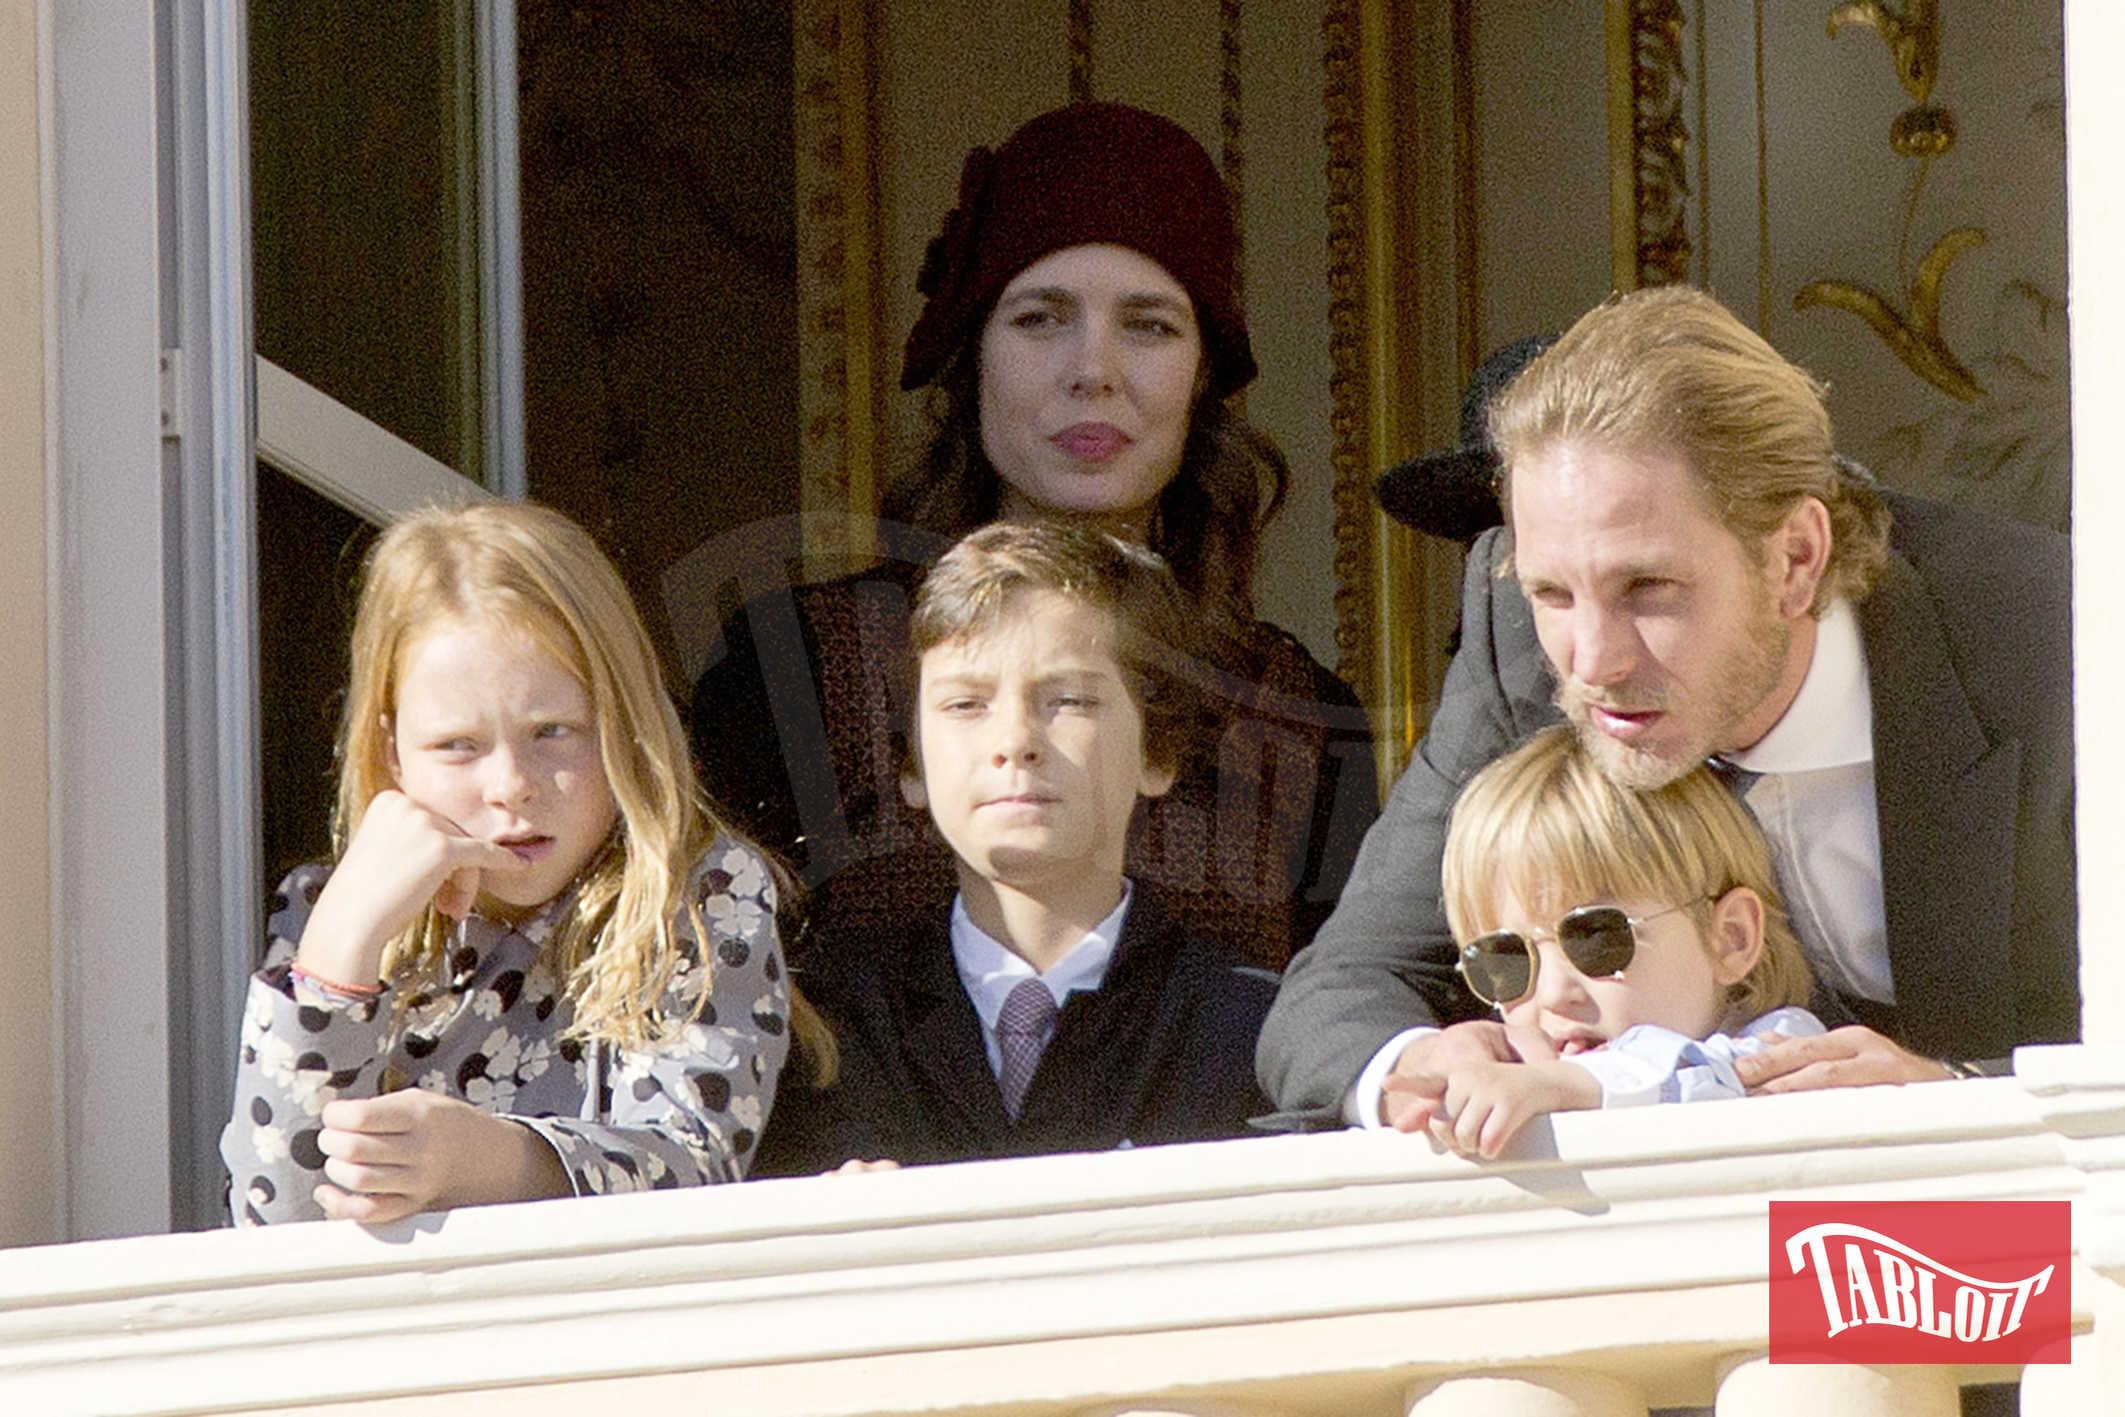 Anche Andrea Casiraghi ha sposato la moda in voga tra gli uomini della famiglia reale: i baffi. Andrea però li accompagna con la folta barba bionda